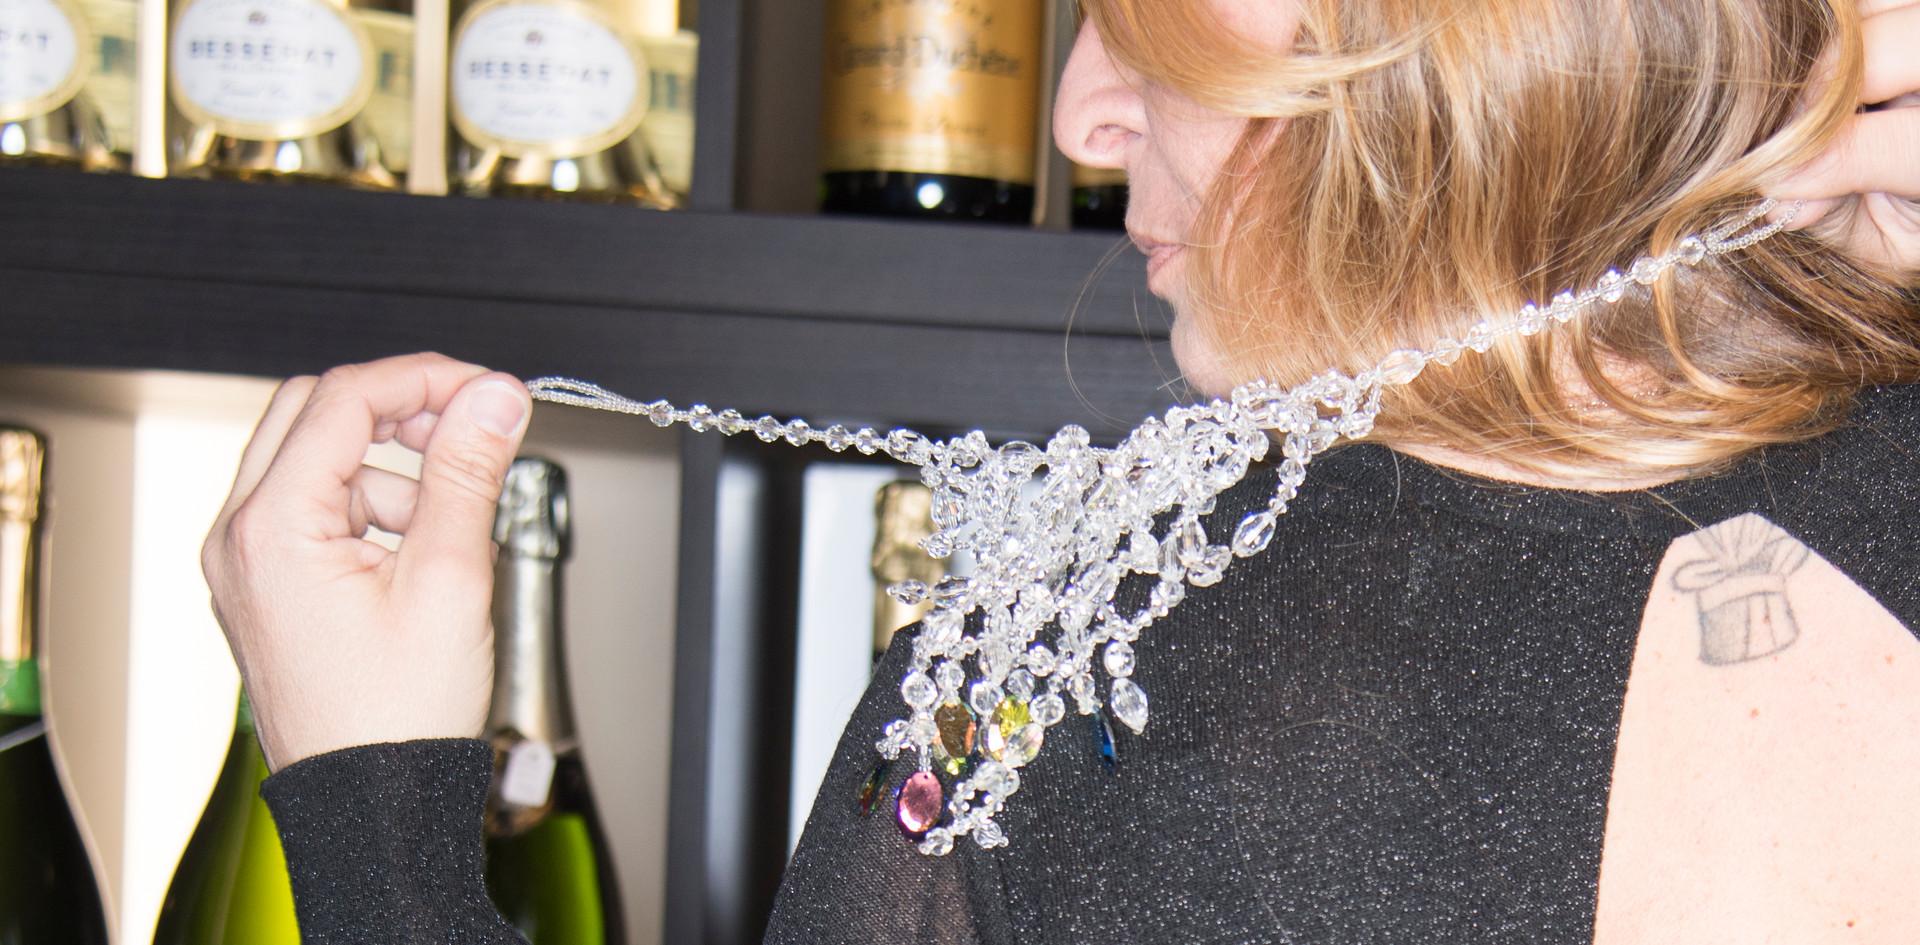 festa di primavera 2018 collane bracciali orecchini per tuttele occasioni amici festa (57).jpg